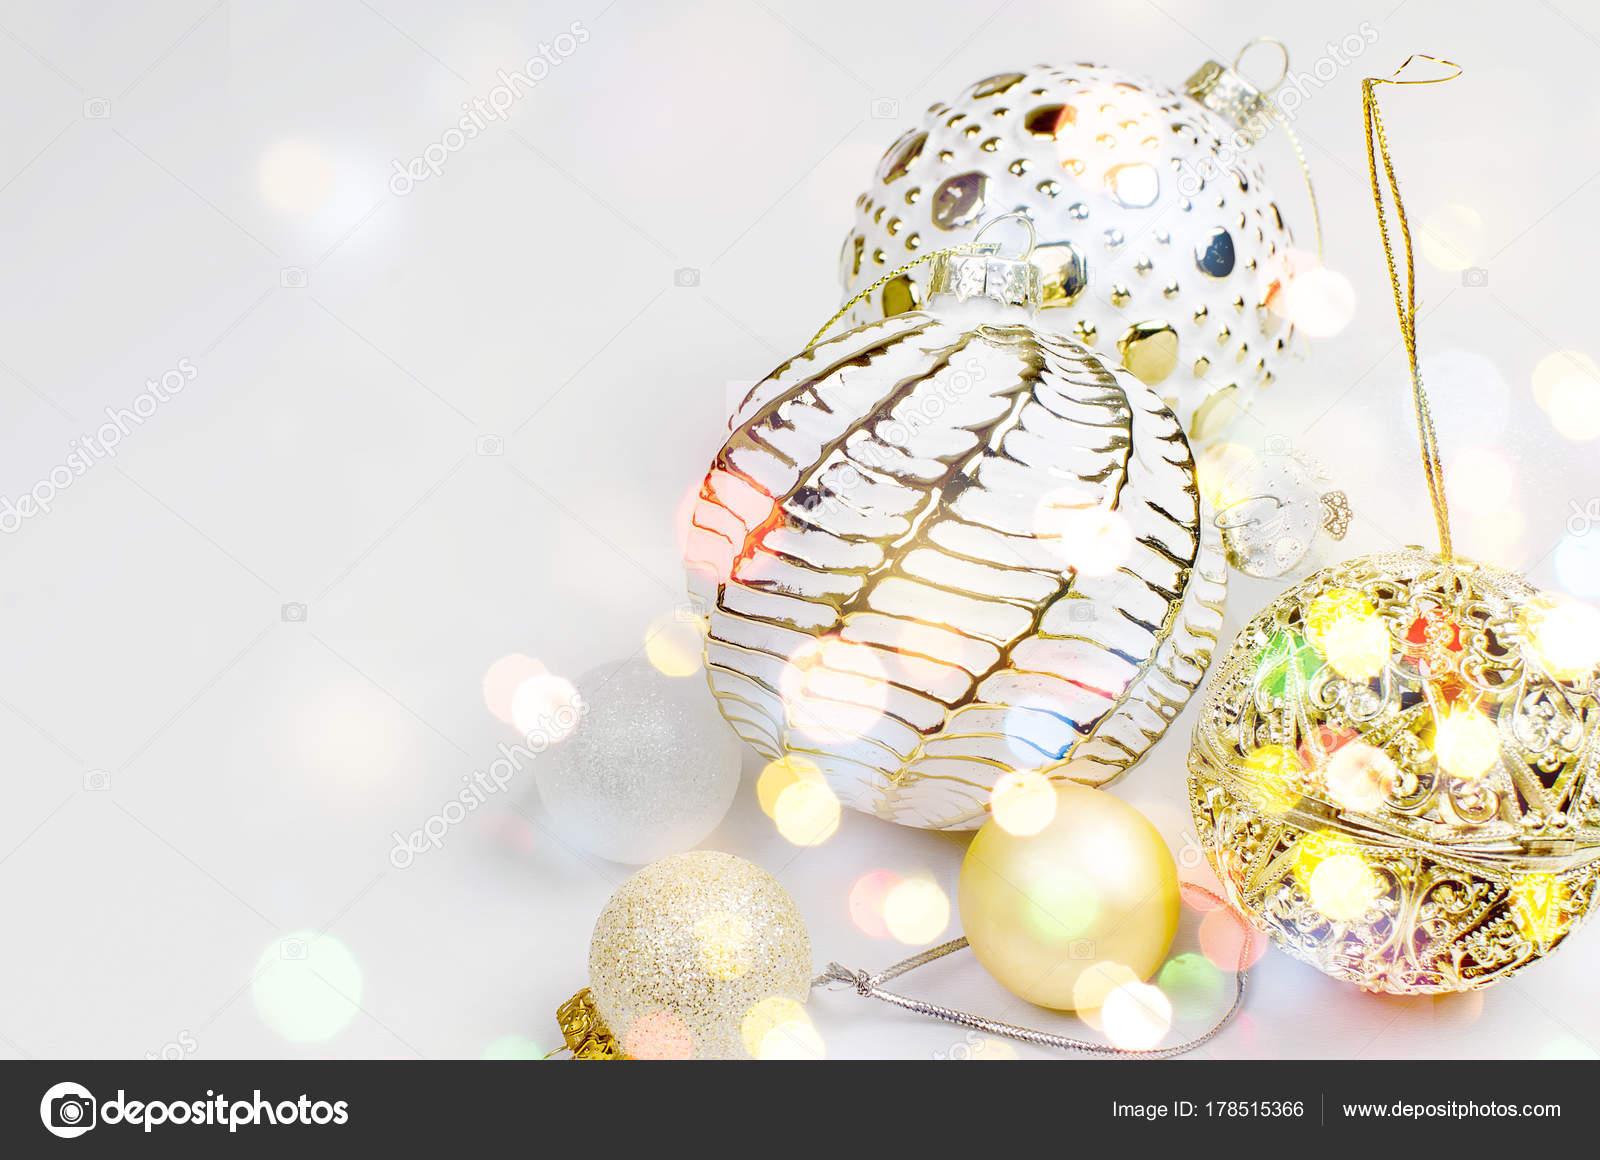 Elegant Christmas Background Images.Elegant Christmas Background With Gold And White Evening